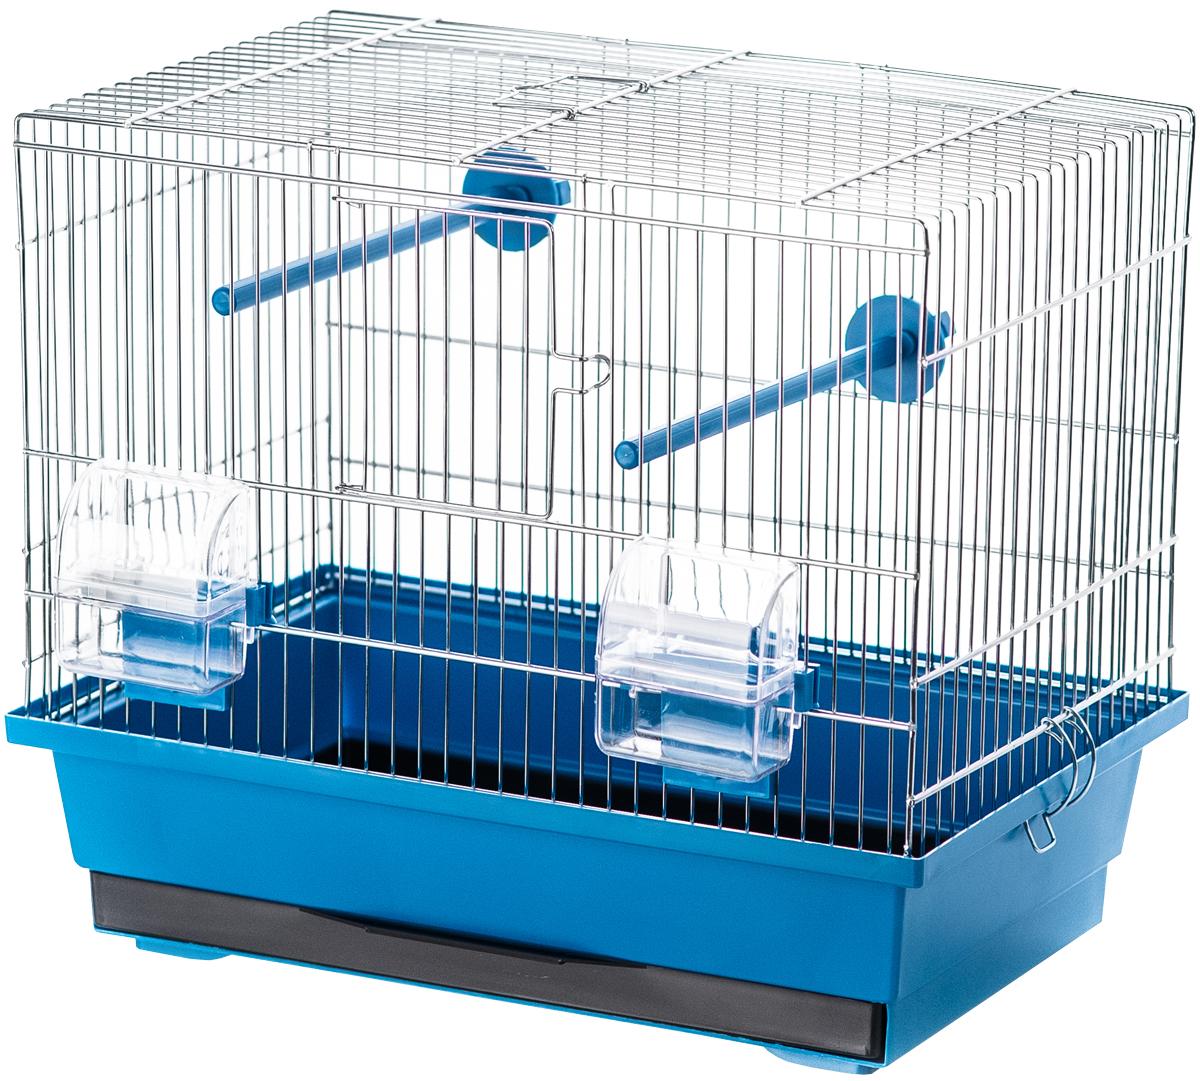 Клетка для птиц Inter-Zoo P056 Kanarek оцинкованная 39 х 25 х 33,5 см (1 шт)